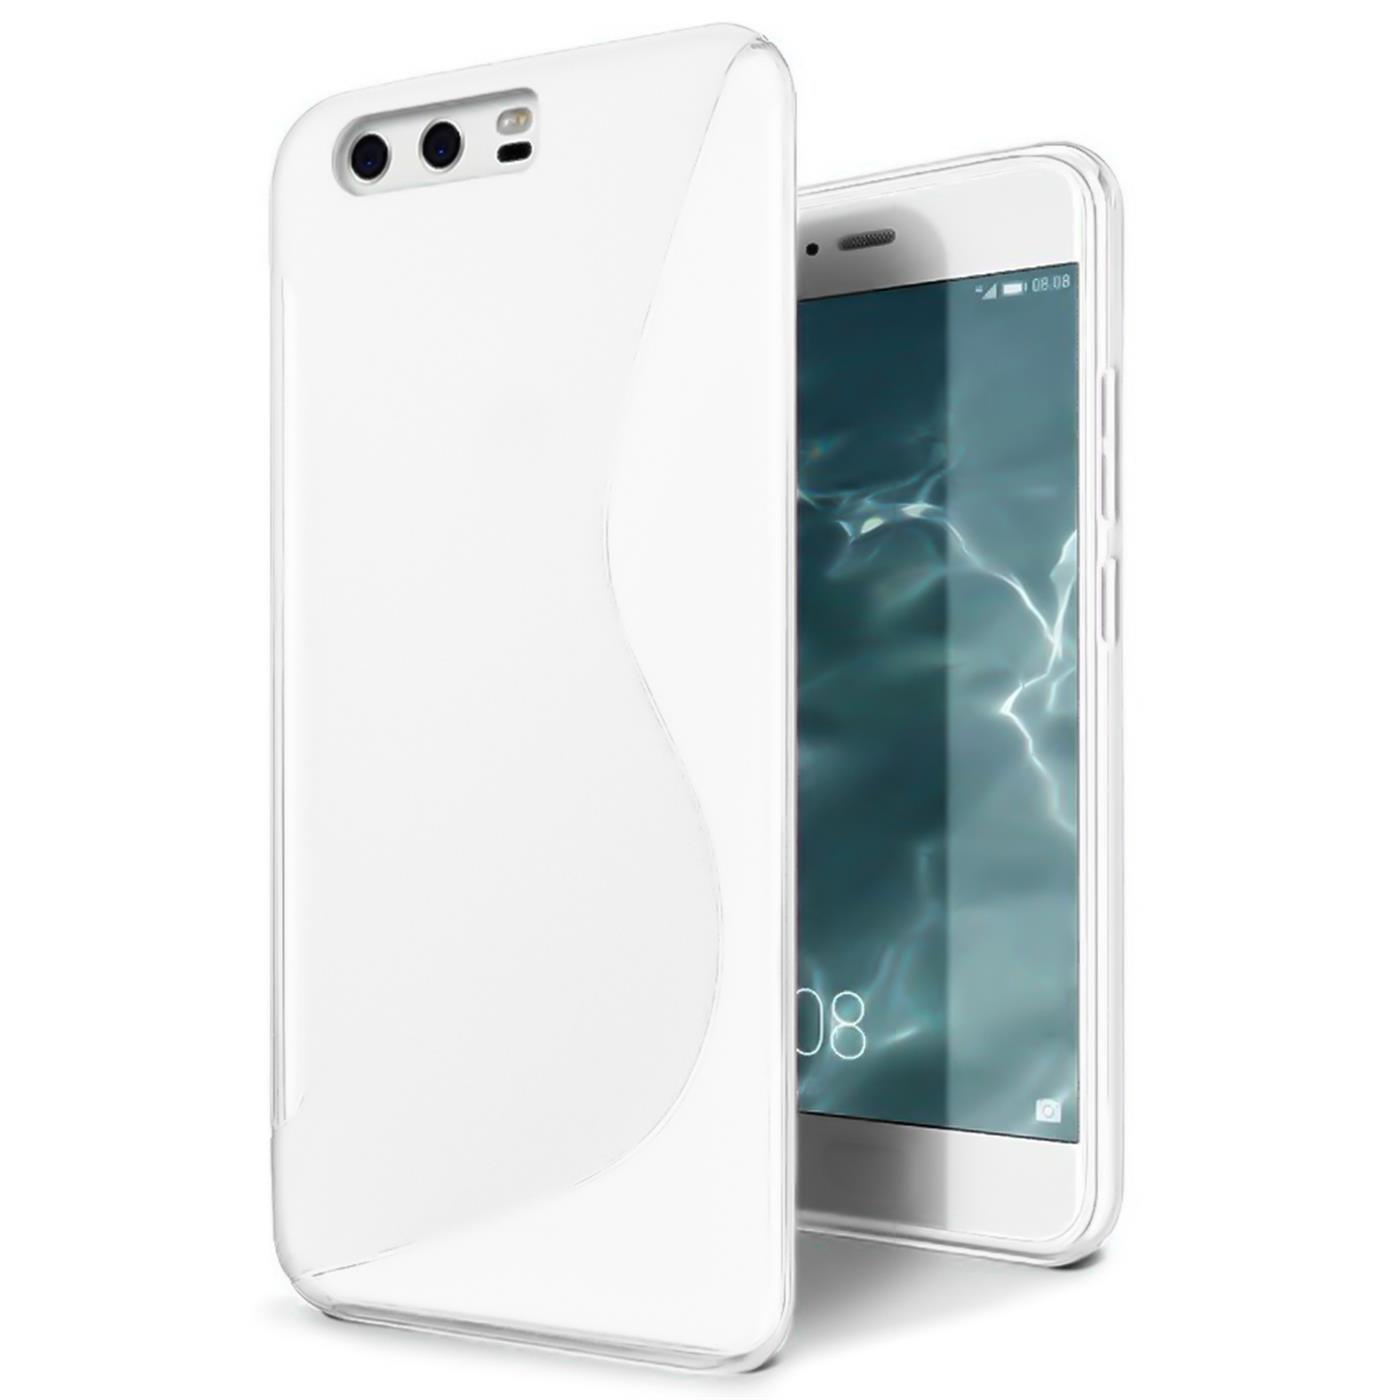 Handy-Huelle-Huawei-P10-Plus-Silikon-Case-Slim-Cover-Schutz-Huelle-Tasche-Weiss